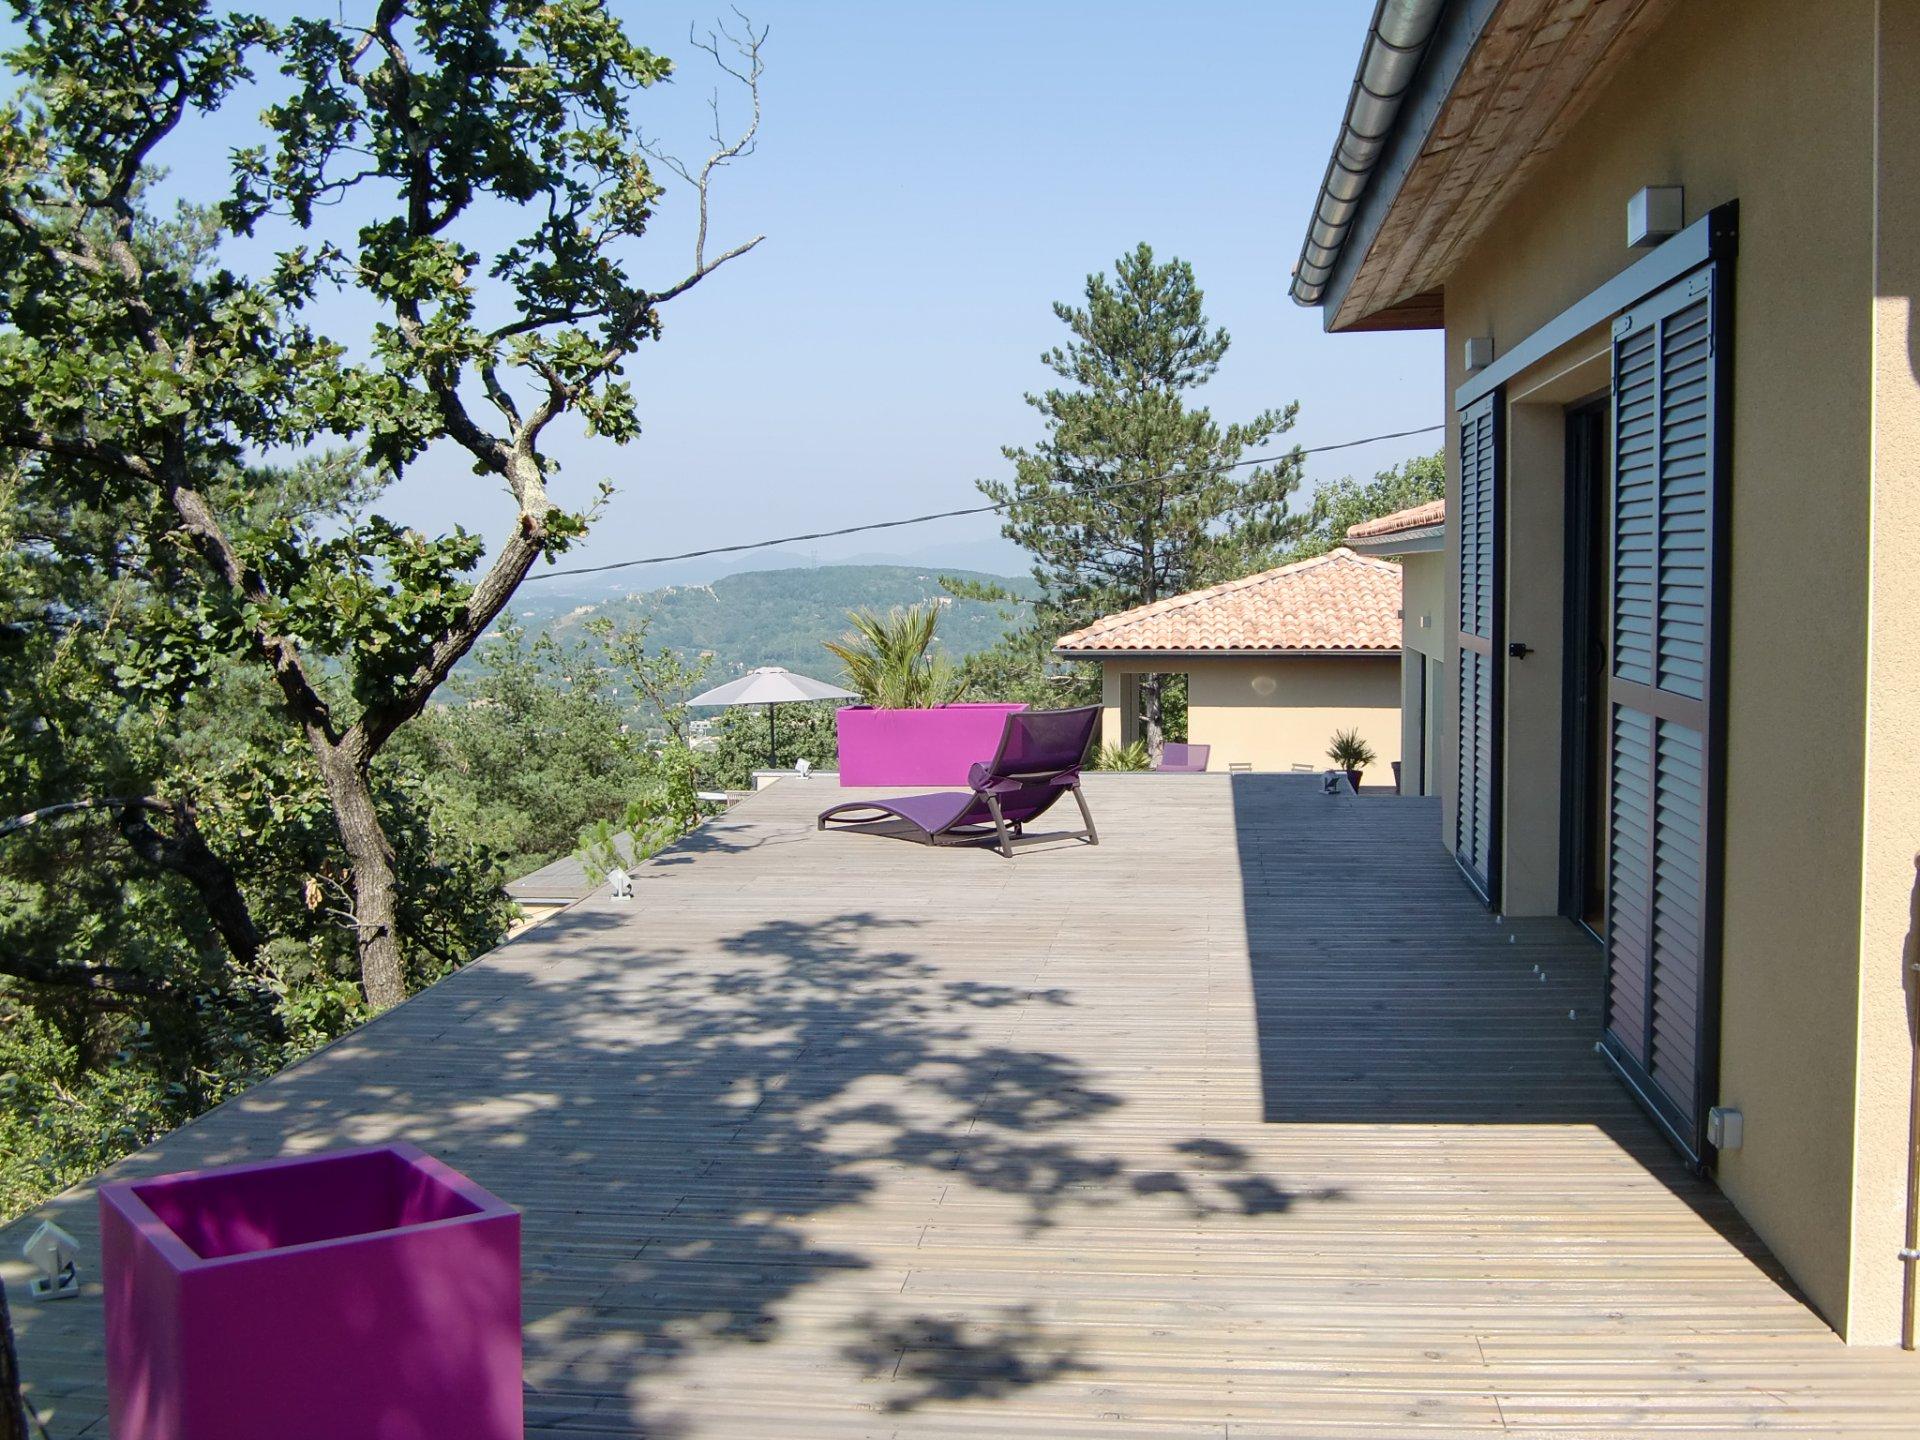 A vendre : Magnifique villa près de Montélimar, Drôme